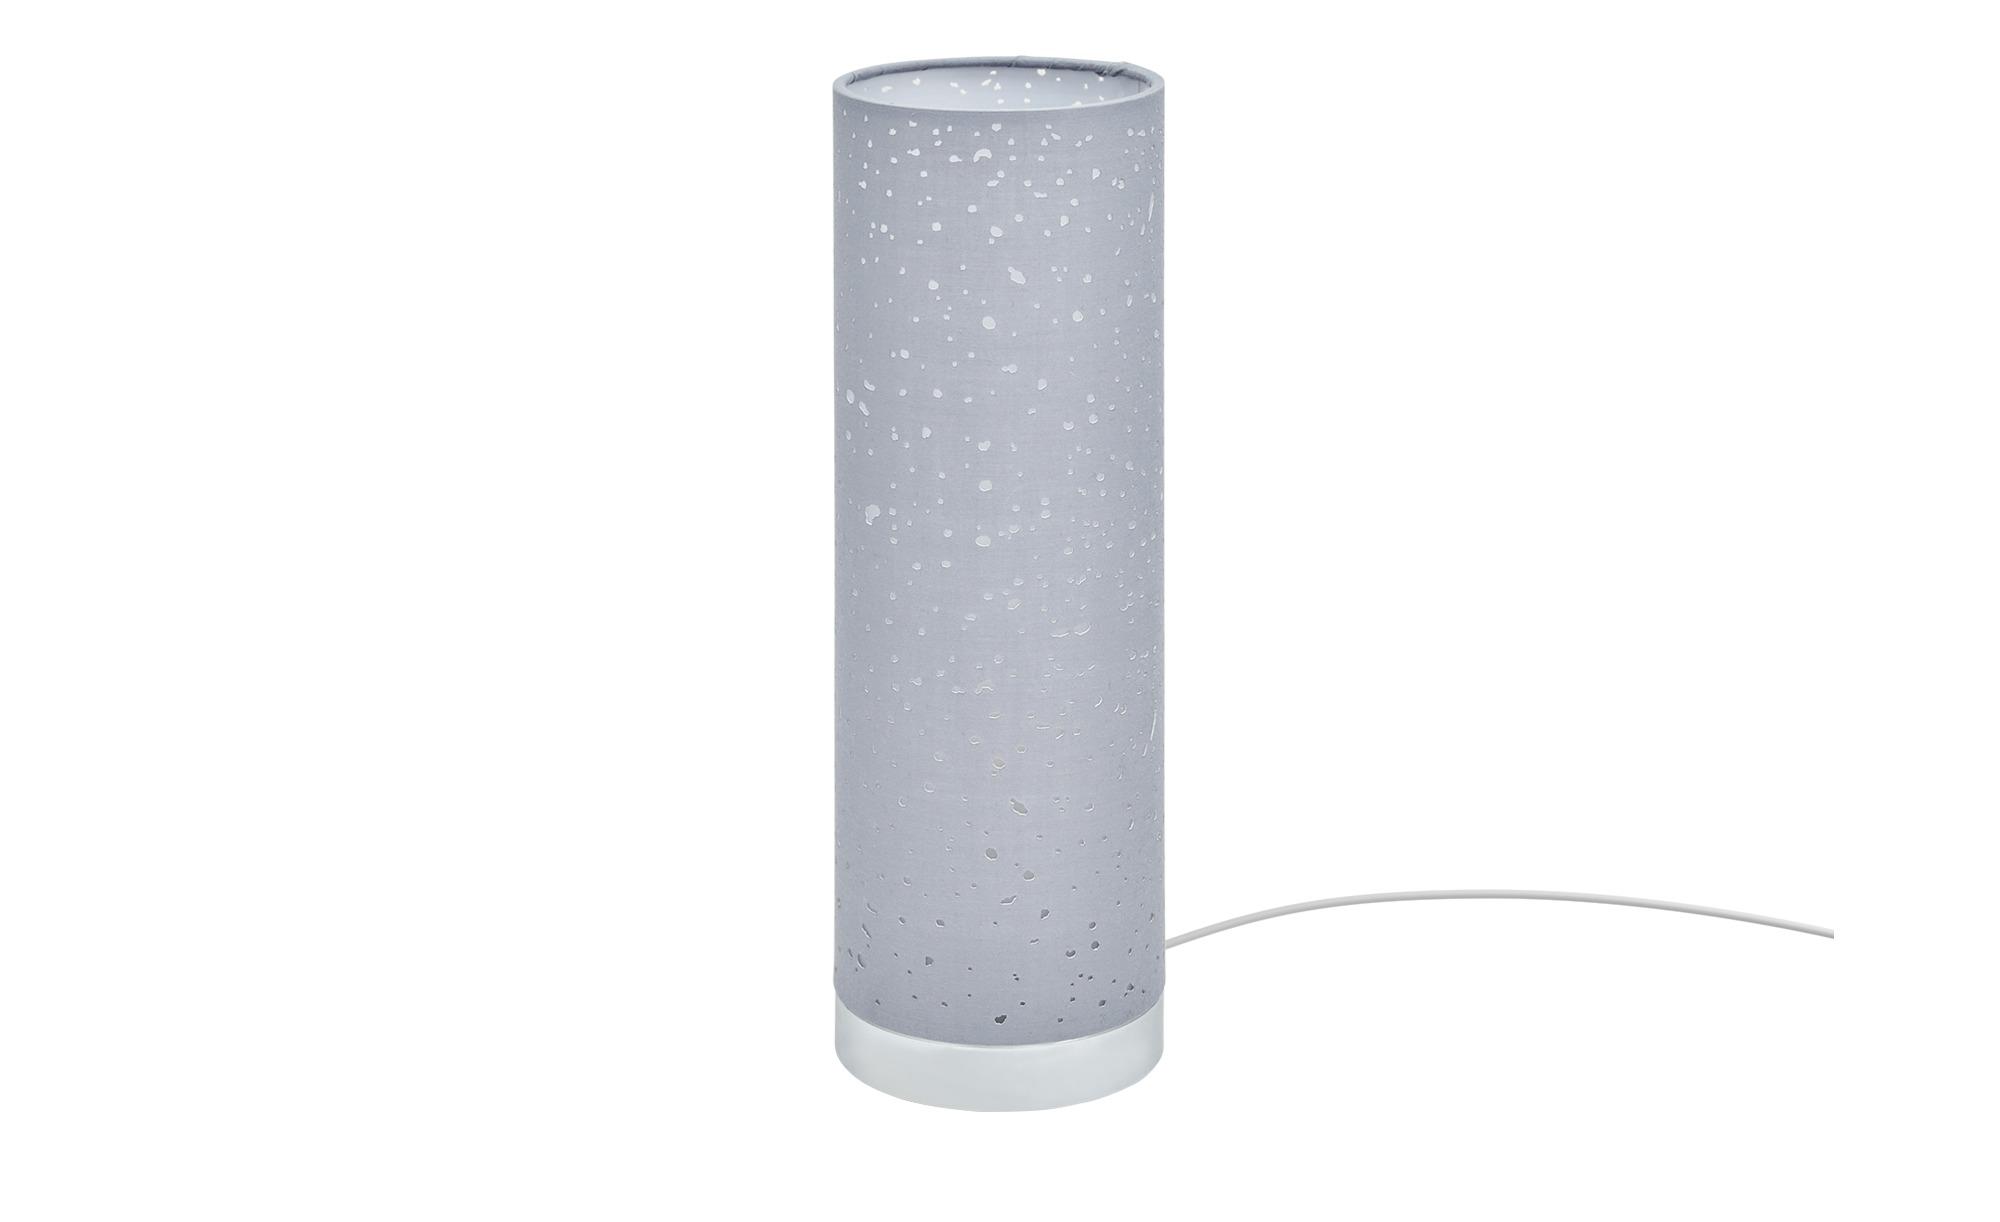 Fischer-Honsel Tischleuchte, 1-flammig, Grau ¦ grau ¦ Maße (cm): H: 35 Ø: [12.0] Lampen & Leuchten > Innenleuchten > Tischlampen - Höffner